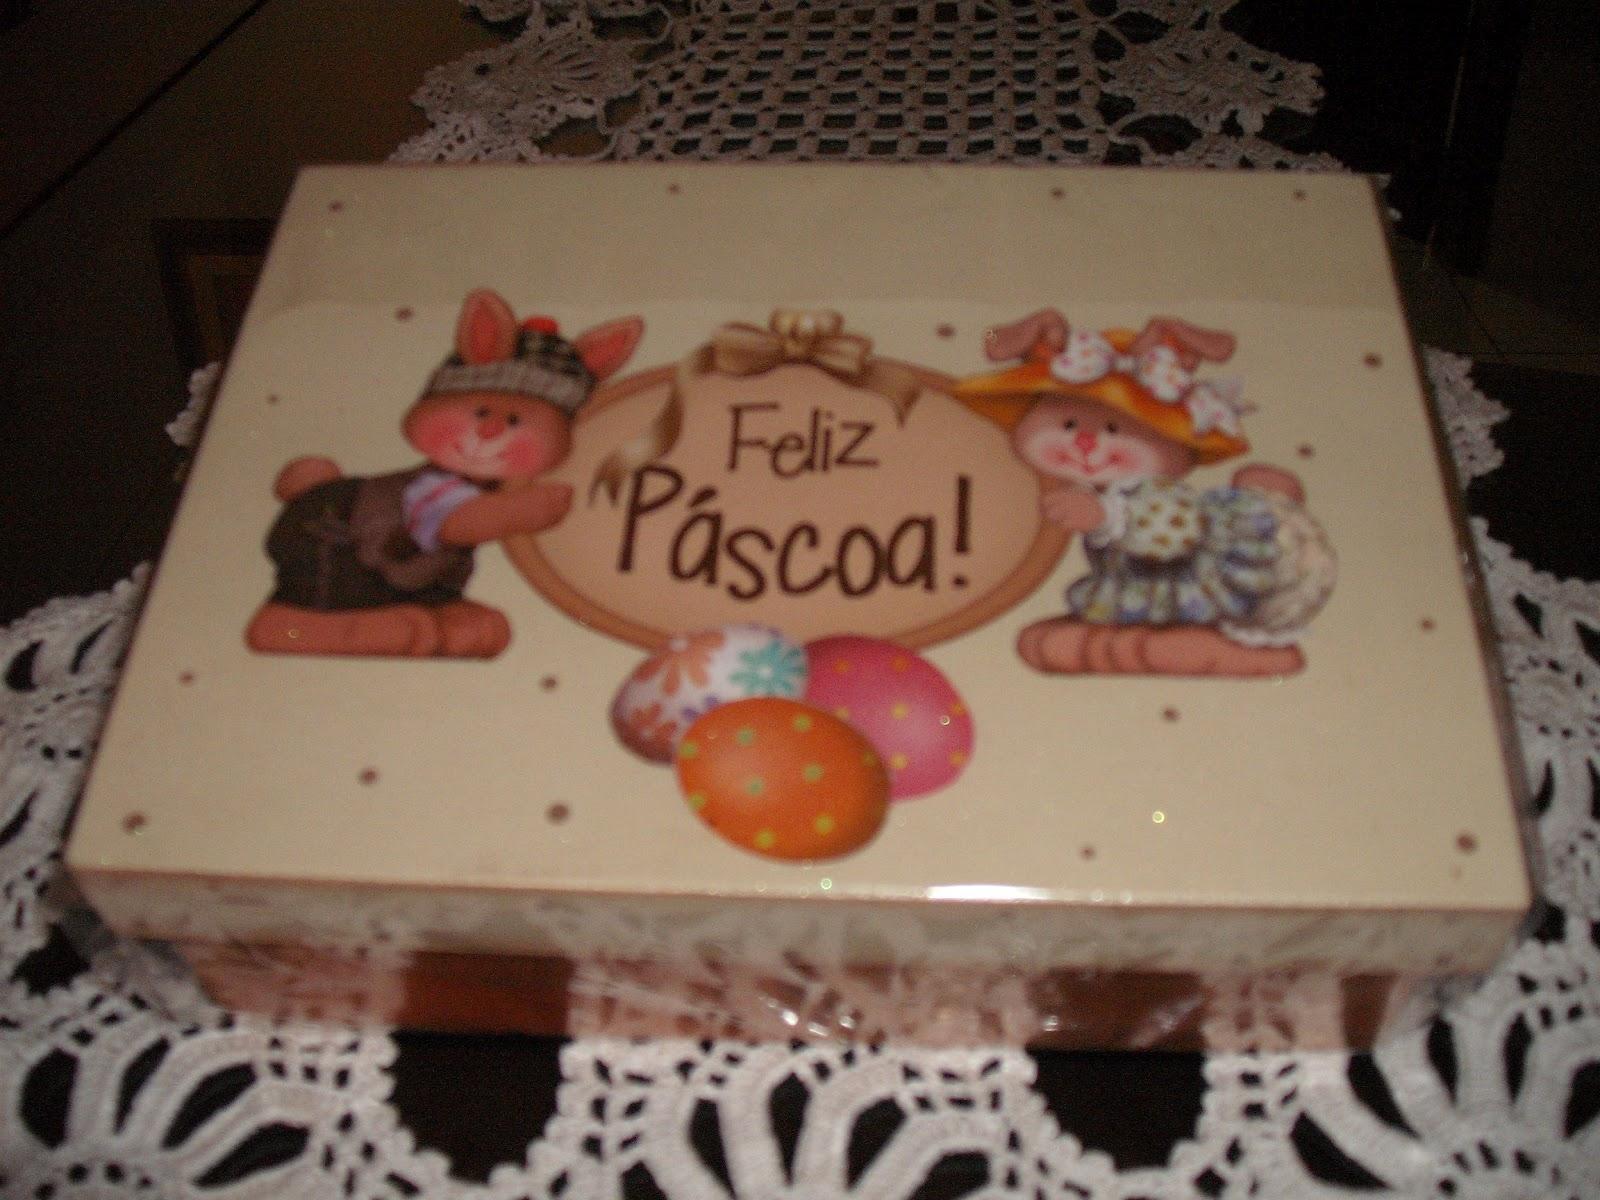 http://meukantinhodaarte.blogspot.com.br/